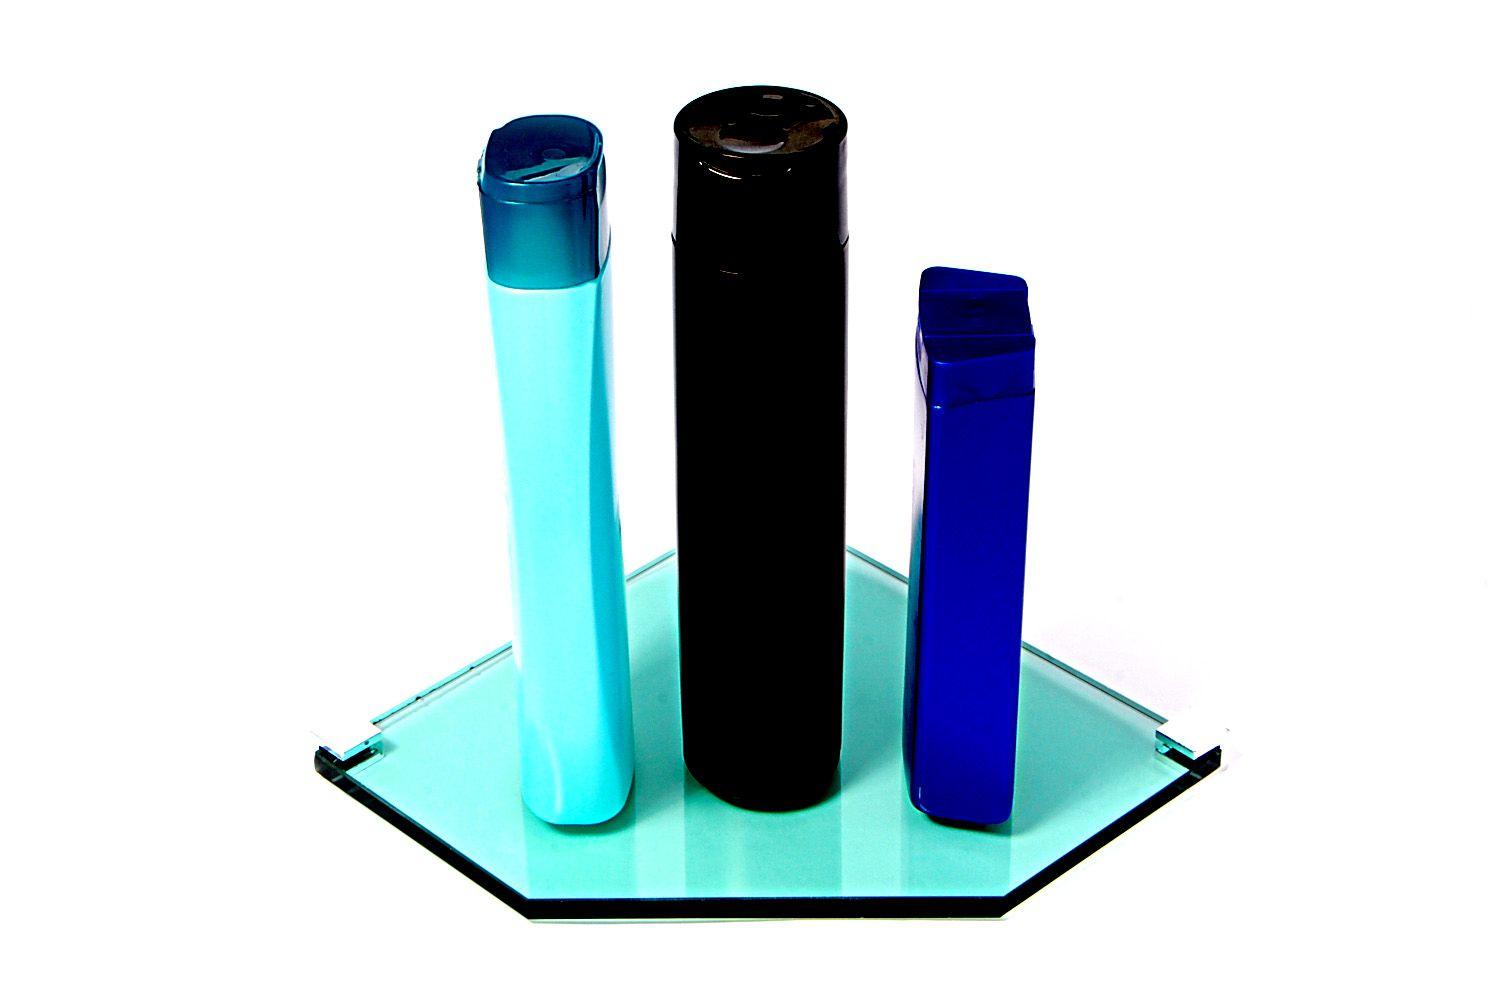 Porta Shampoo de Canto Reto em Vidro Verde Lapidado - Aquabox  - 20cmx20cmx8mm